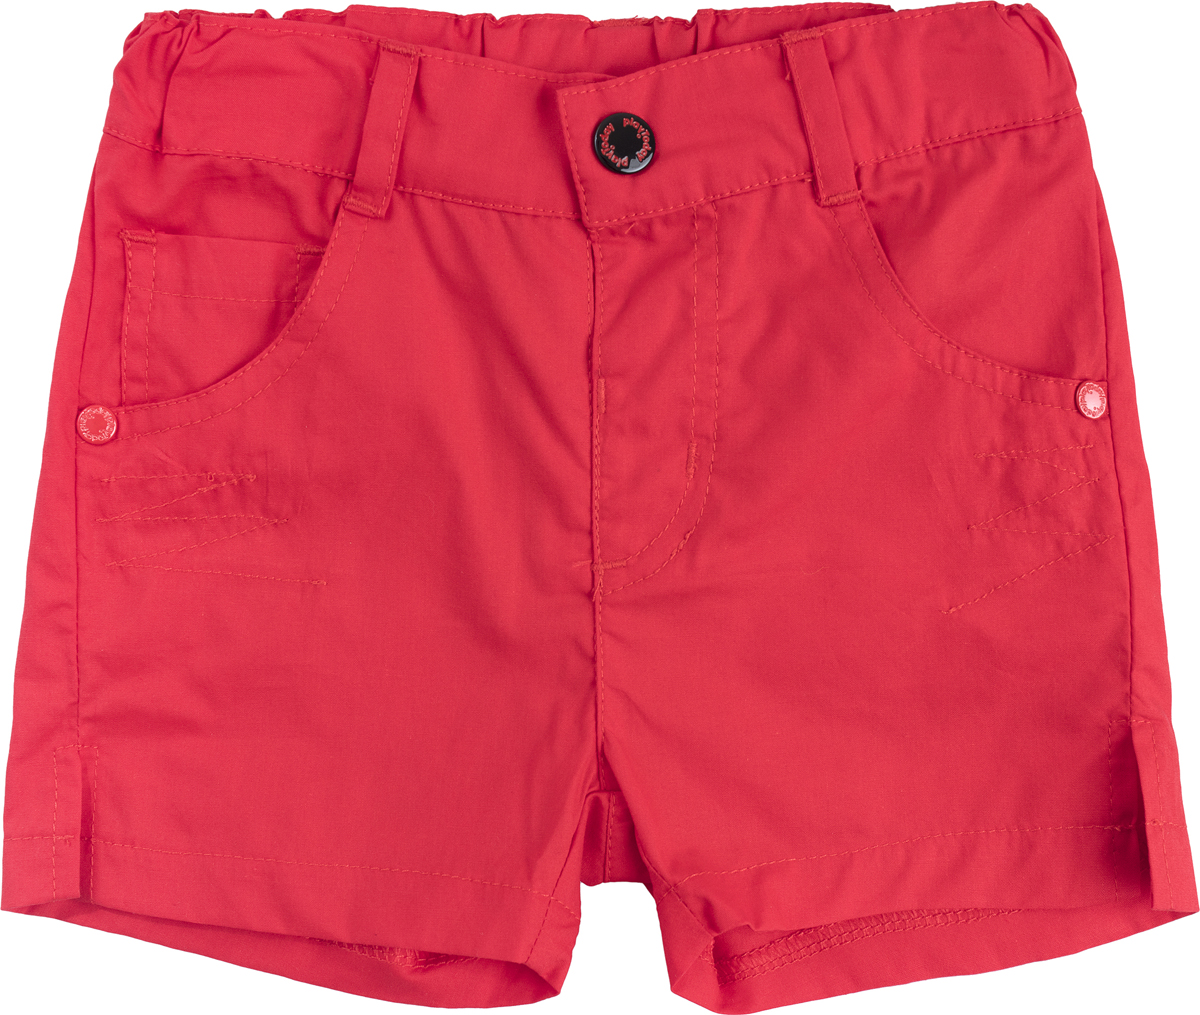 Шорты для мальчика PlayToday, цвет: красный. 187053. Размер 98 playtoday шорты для мальчика playtoday